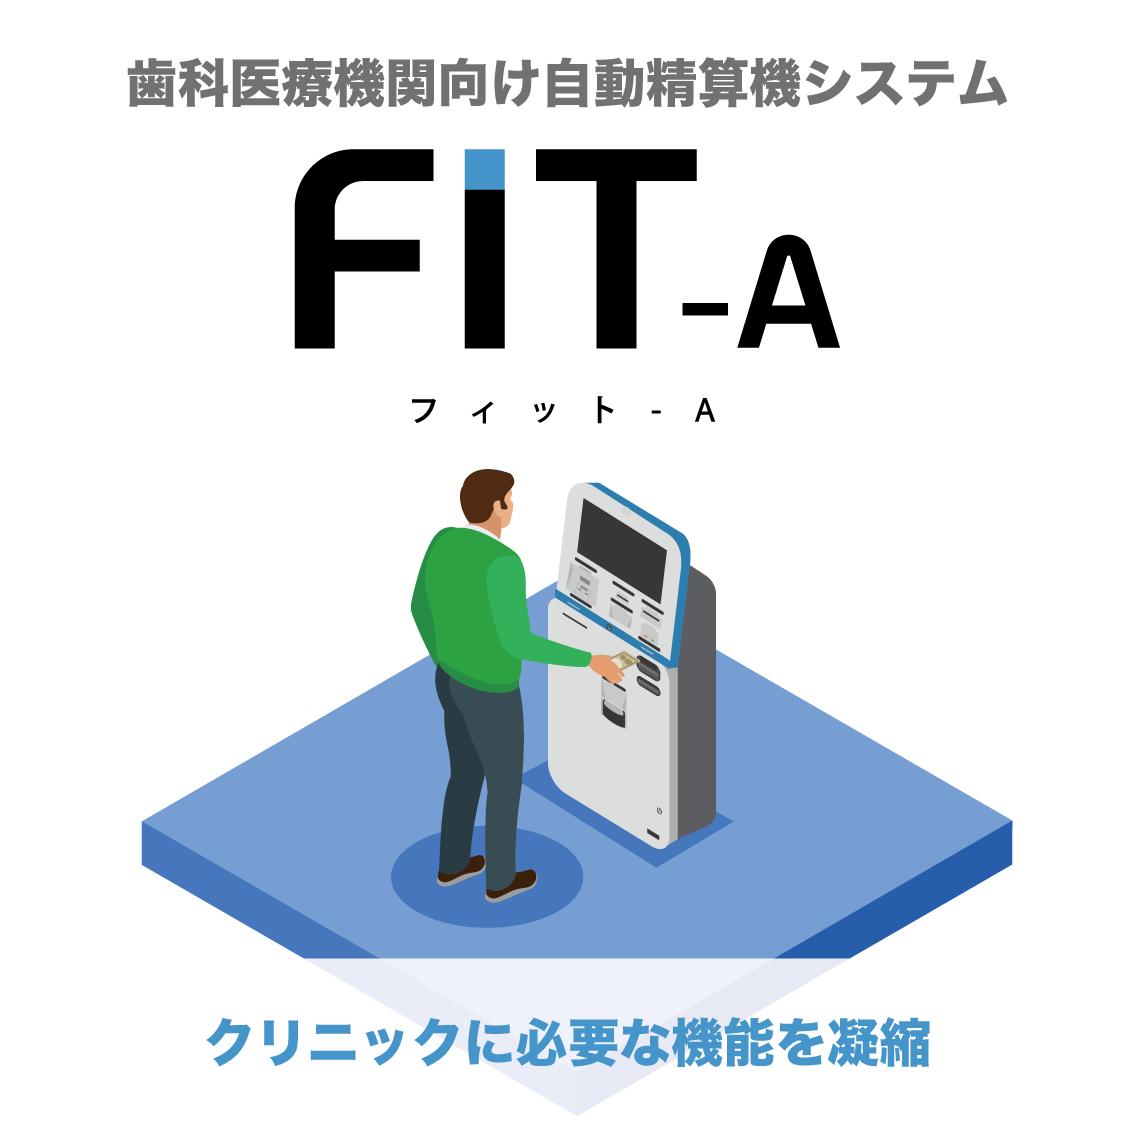 【近日リリース予定】自動精算機「FIT-A」